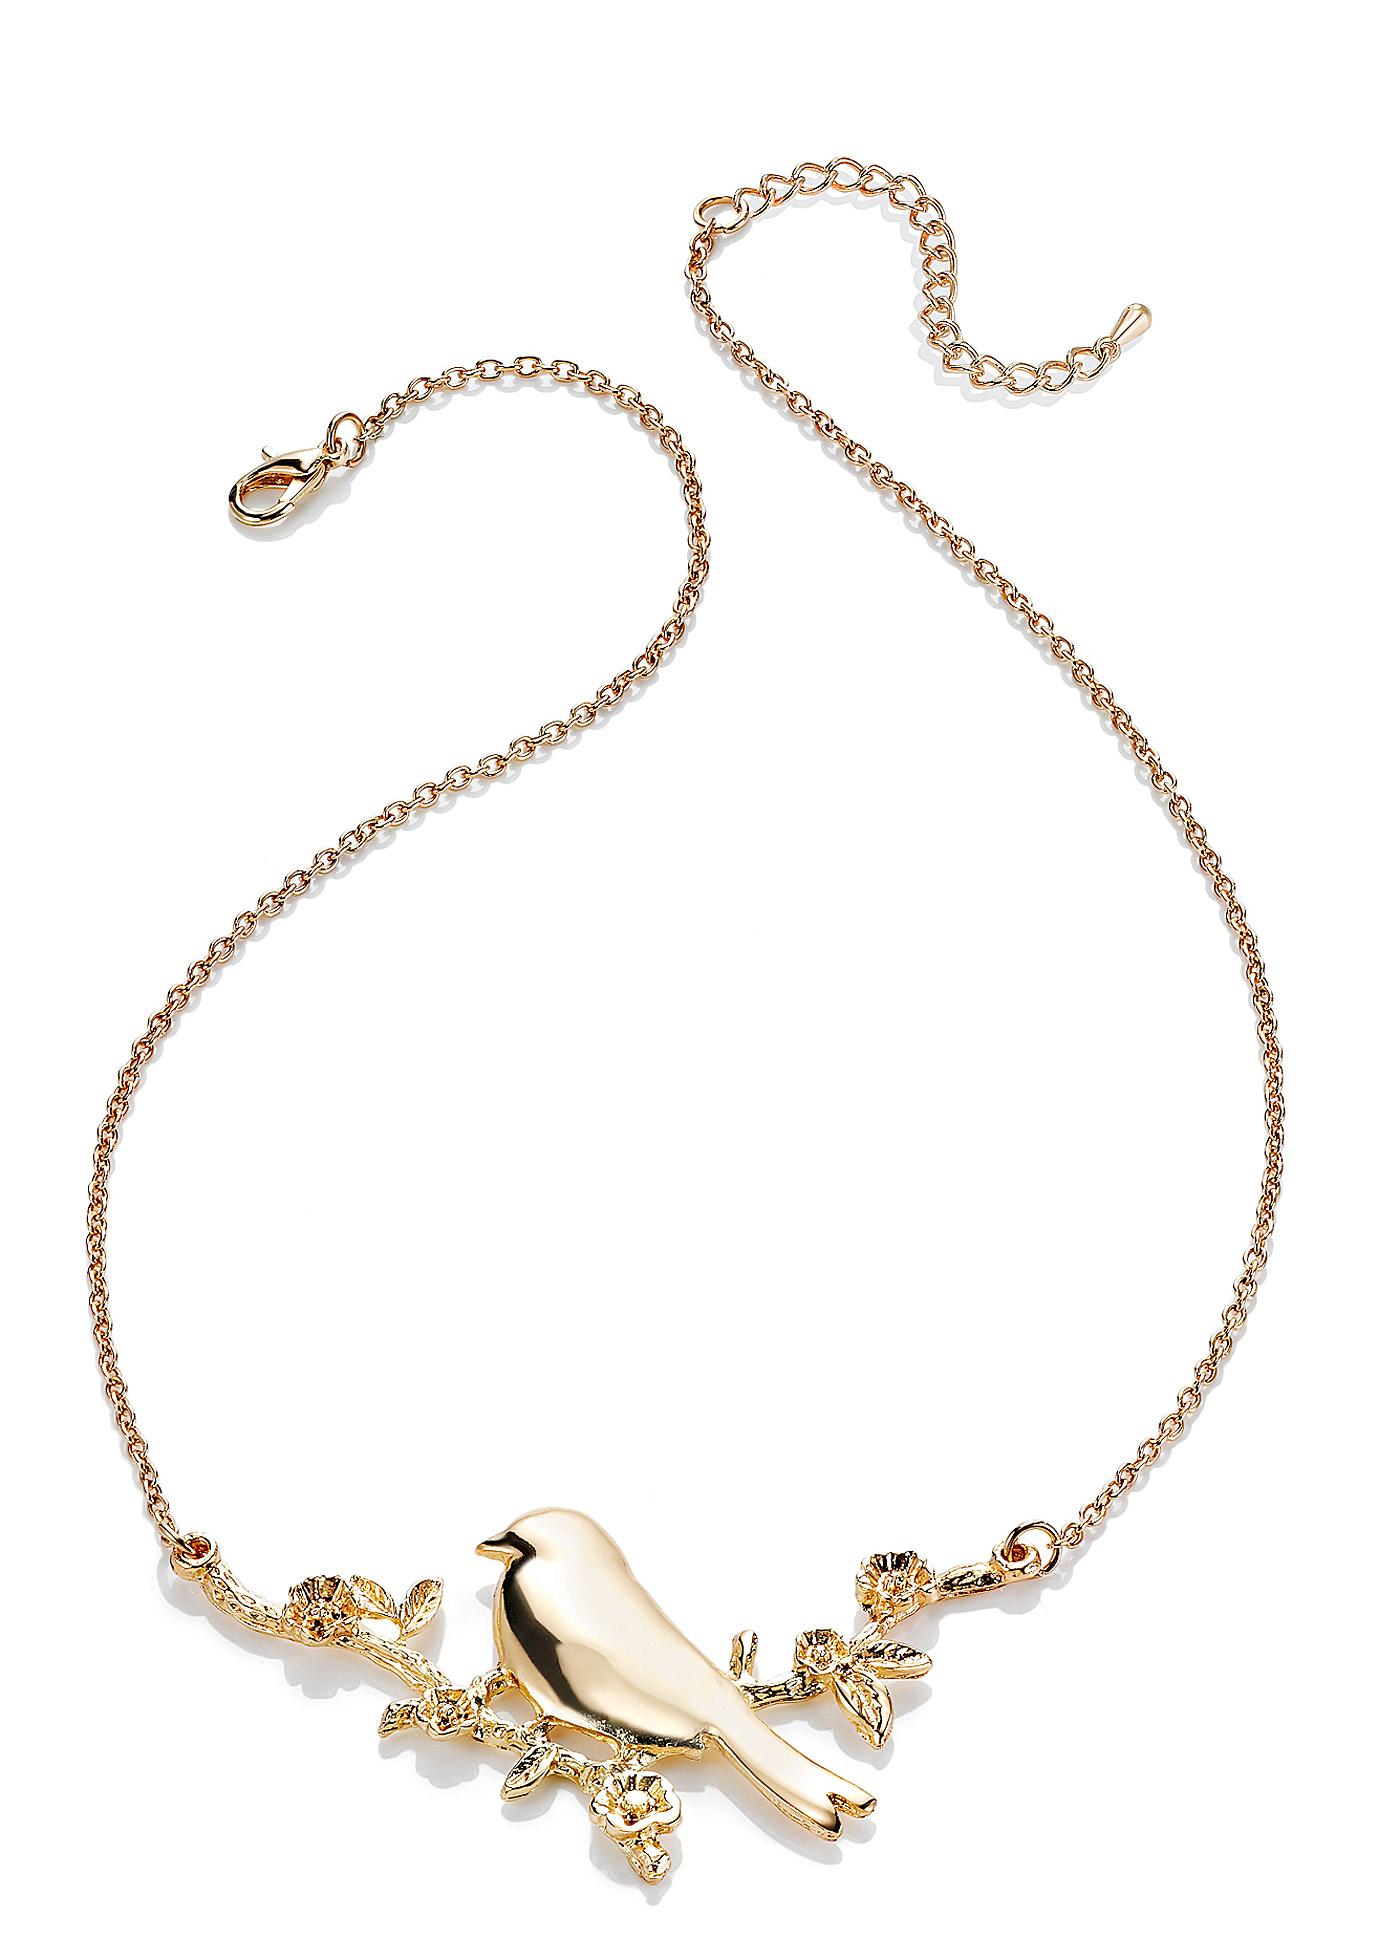 """Collier Birdy de la collection Rainbow aux accents bucoliques, chaîne de style classique soulignée d""""un ravissant oiseau, l""""idéal pour twister votre tenue !"""